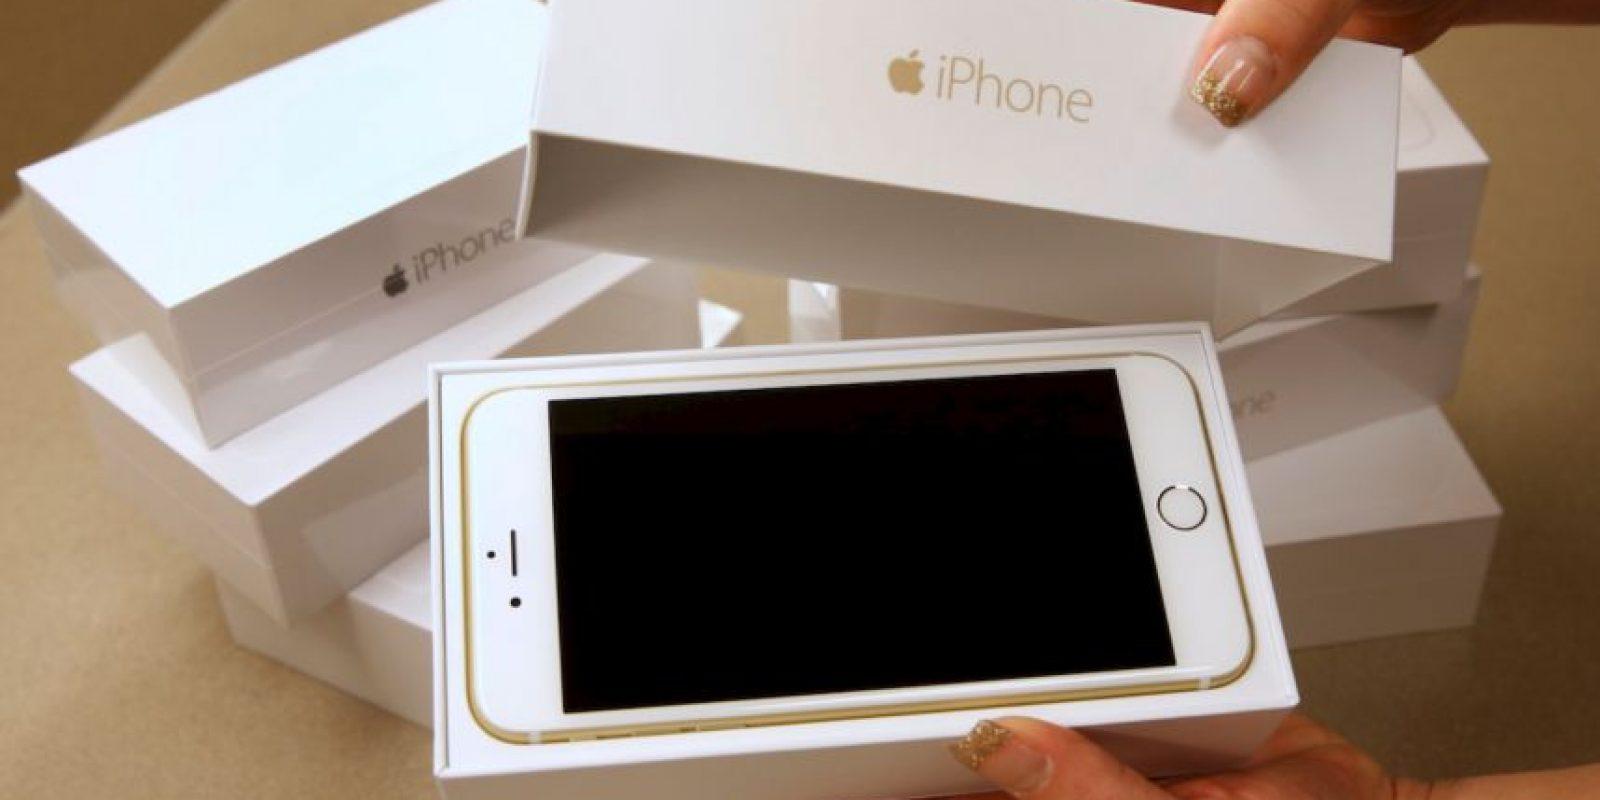 iPhone 6 Plus fue presentado en septiembre de 2014 Foto:Getty Images